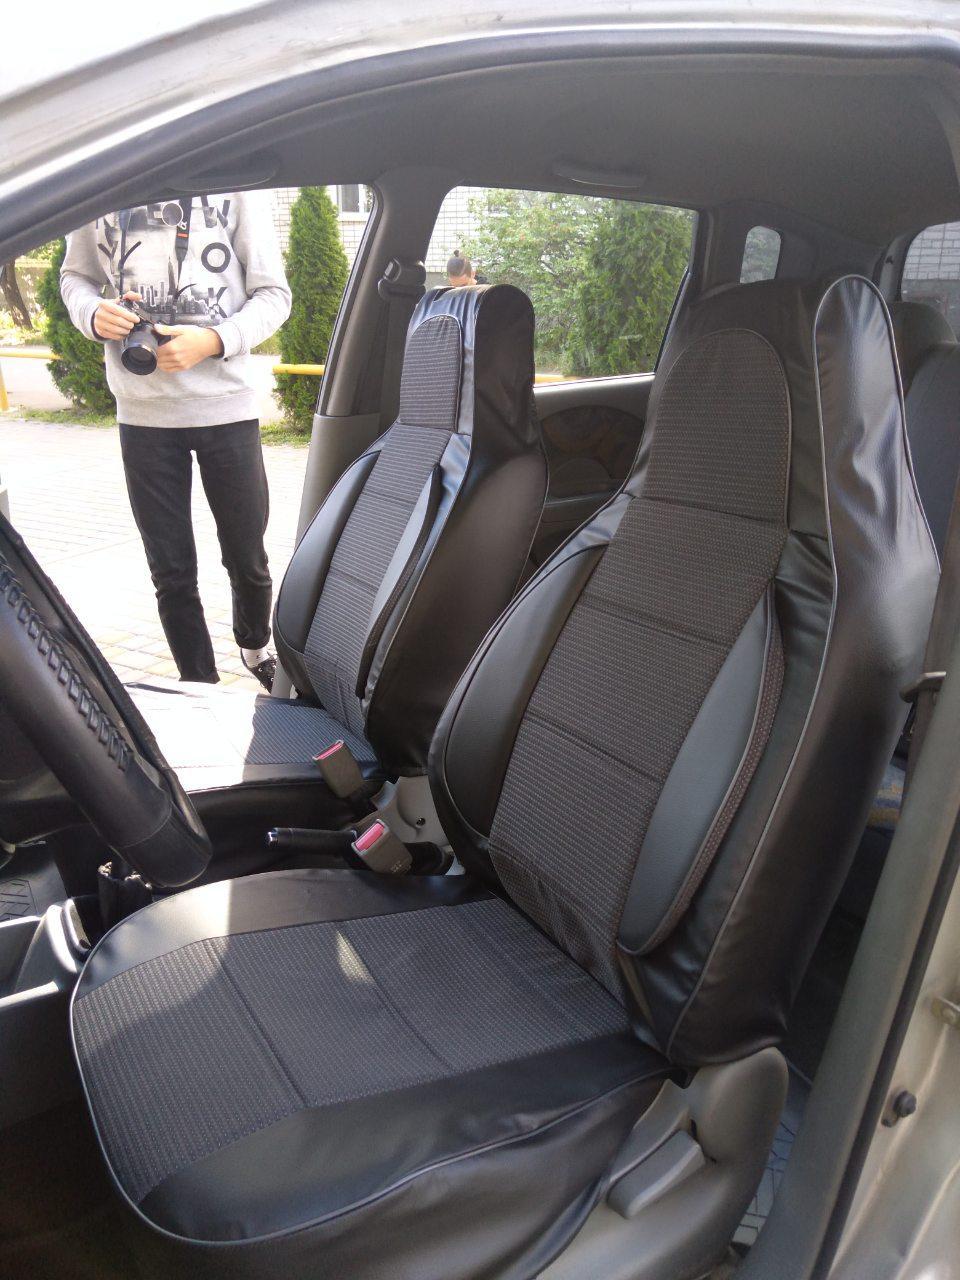 Чохли на сидіння КІА Піканто (KIA Picanto) (універсальні, кожзам+автоткань, пілот)